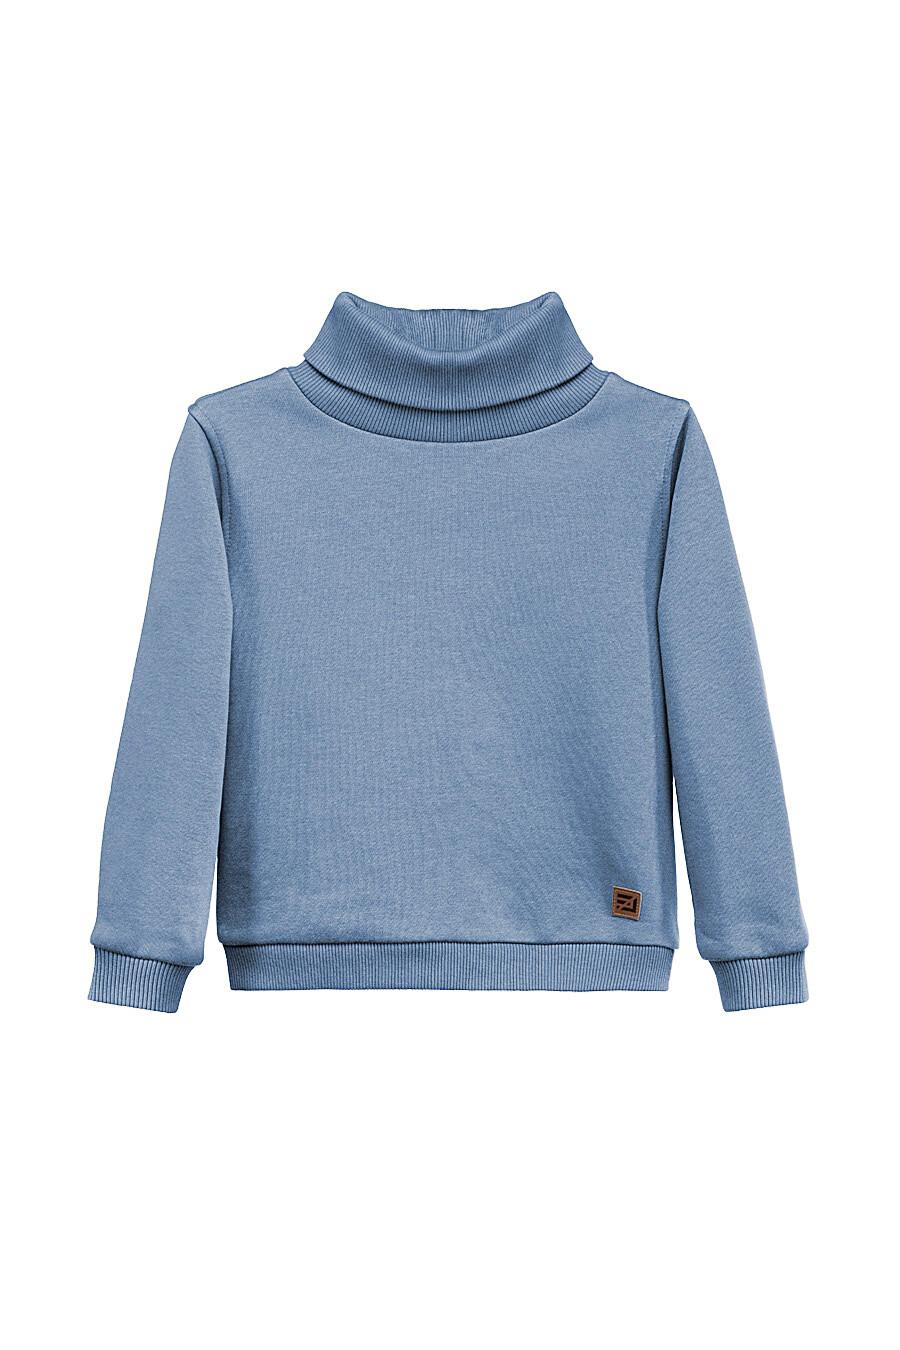 Водолазка для девочек EZANNA 649340 купить оптом от производителя. Совместная покупка детской одежды в OptMoyo